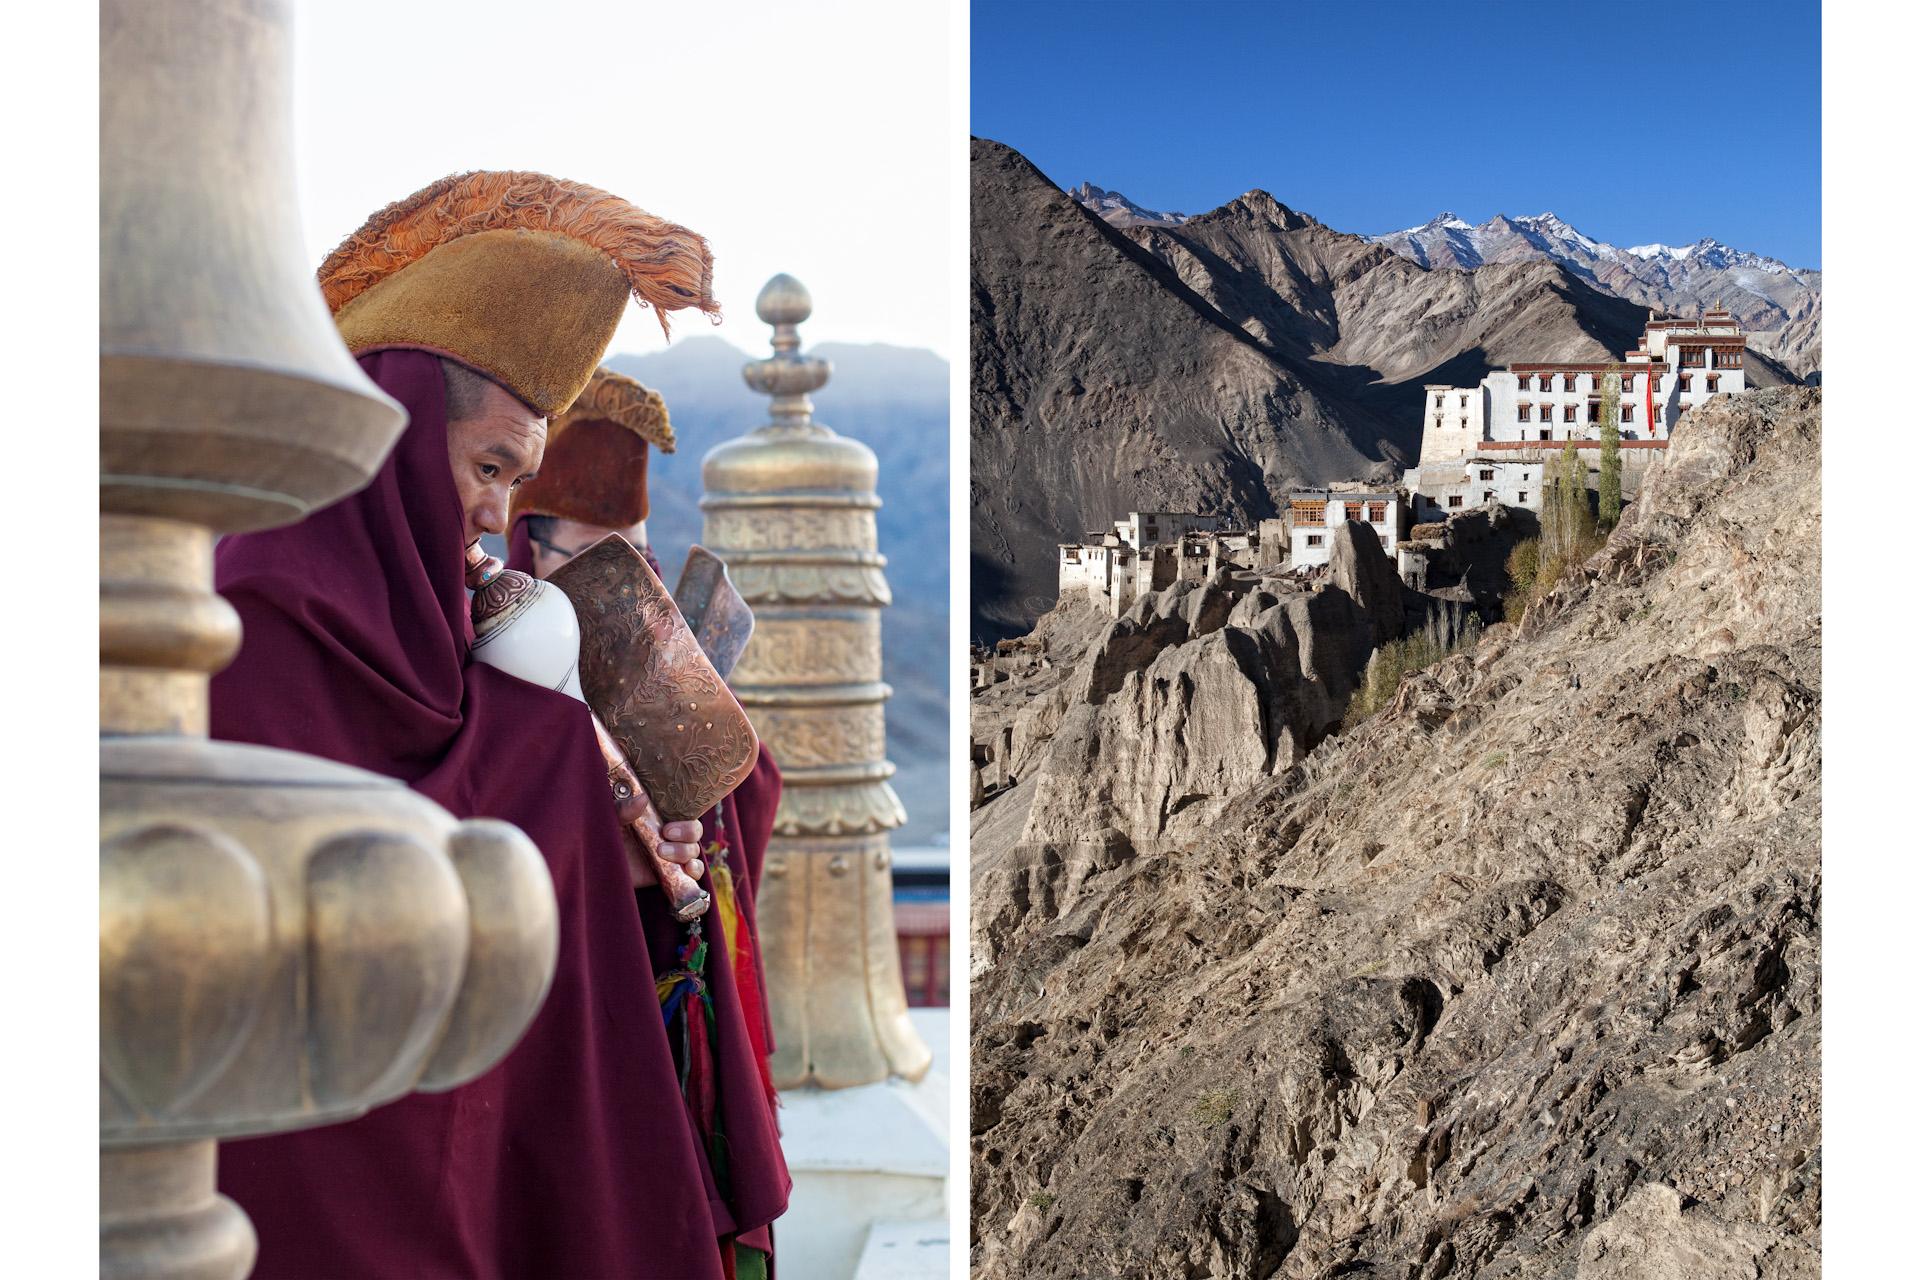 Jason_Bax_Travel_India-Ladakh-Leh-Lamayuru-Buddhist.JPG